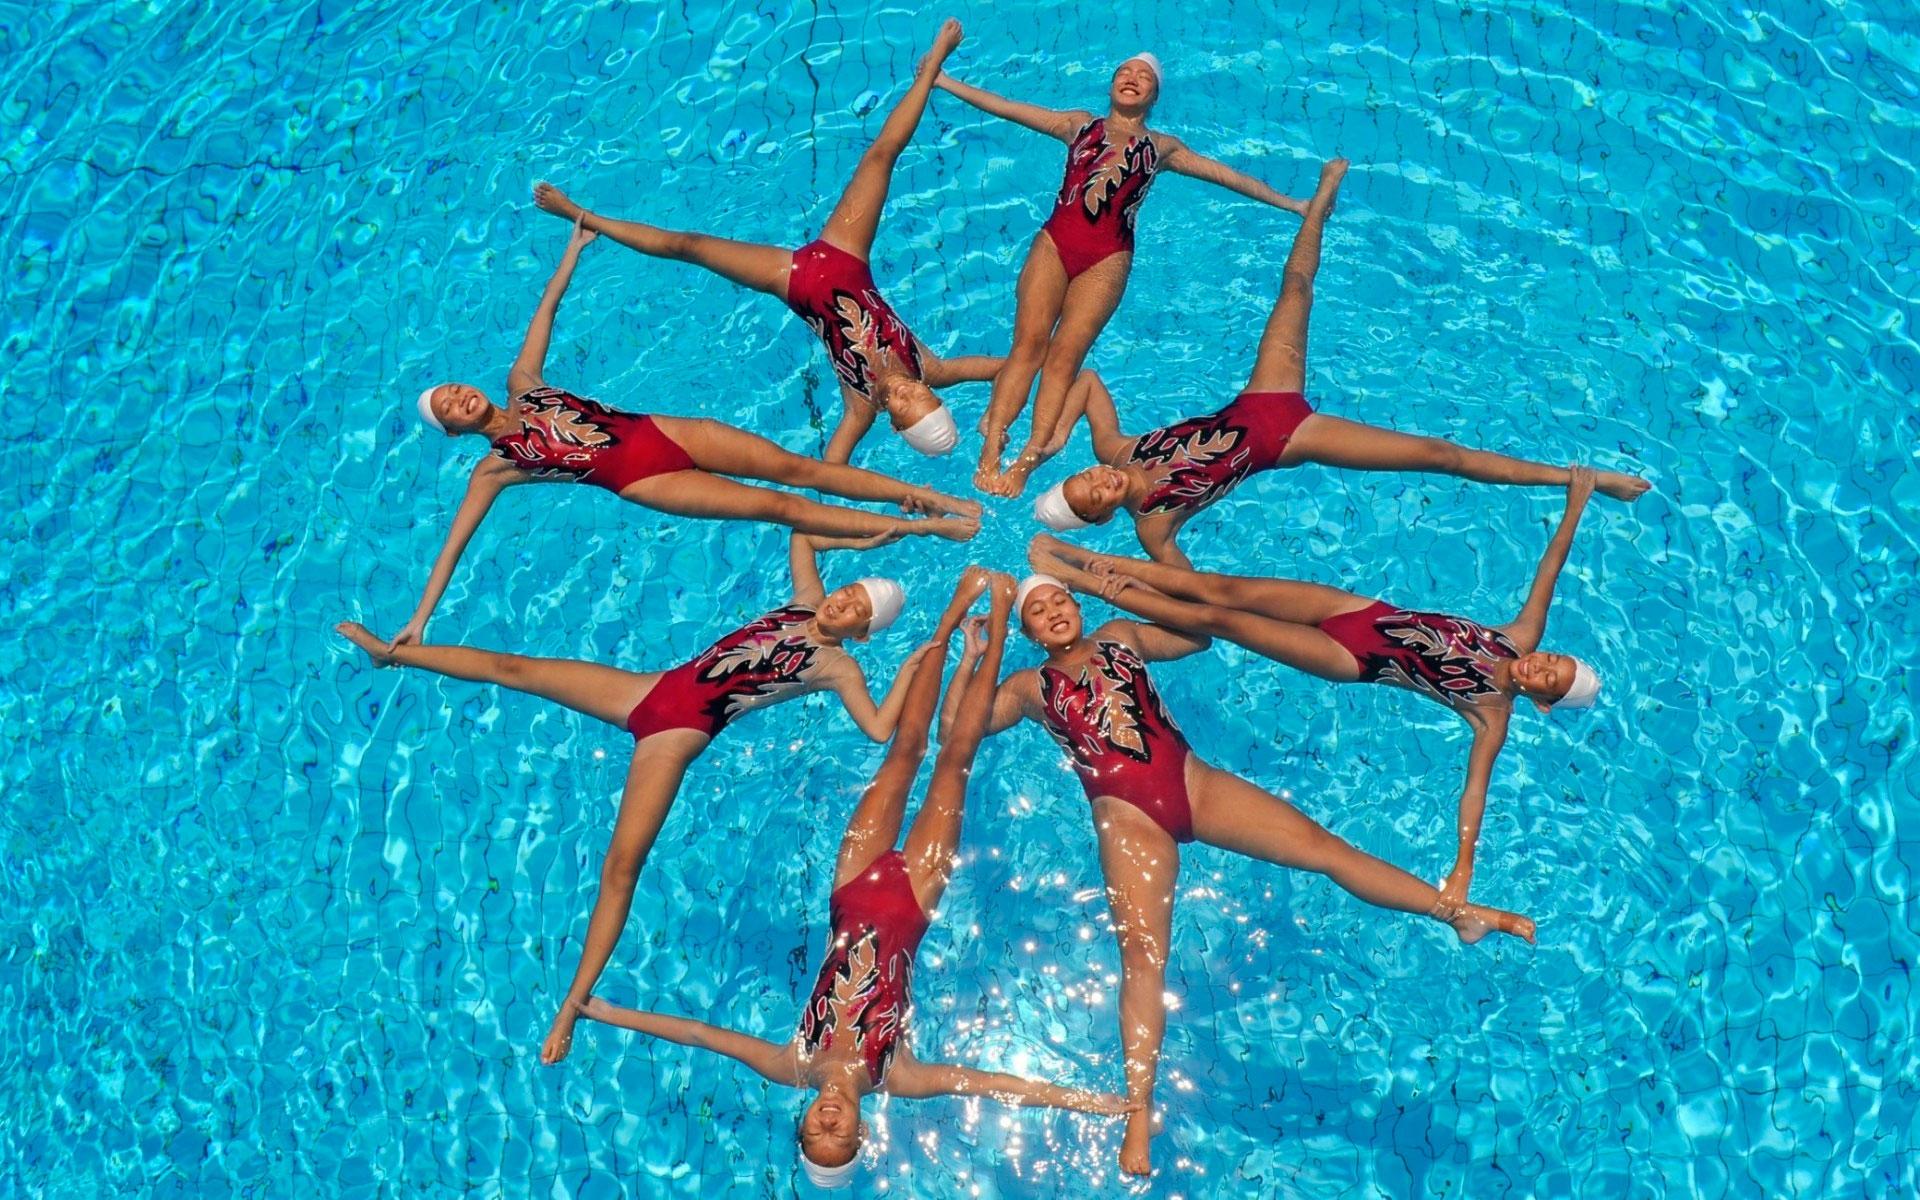 что необычные картинки синхронного плавания бруннера более устойчива